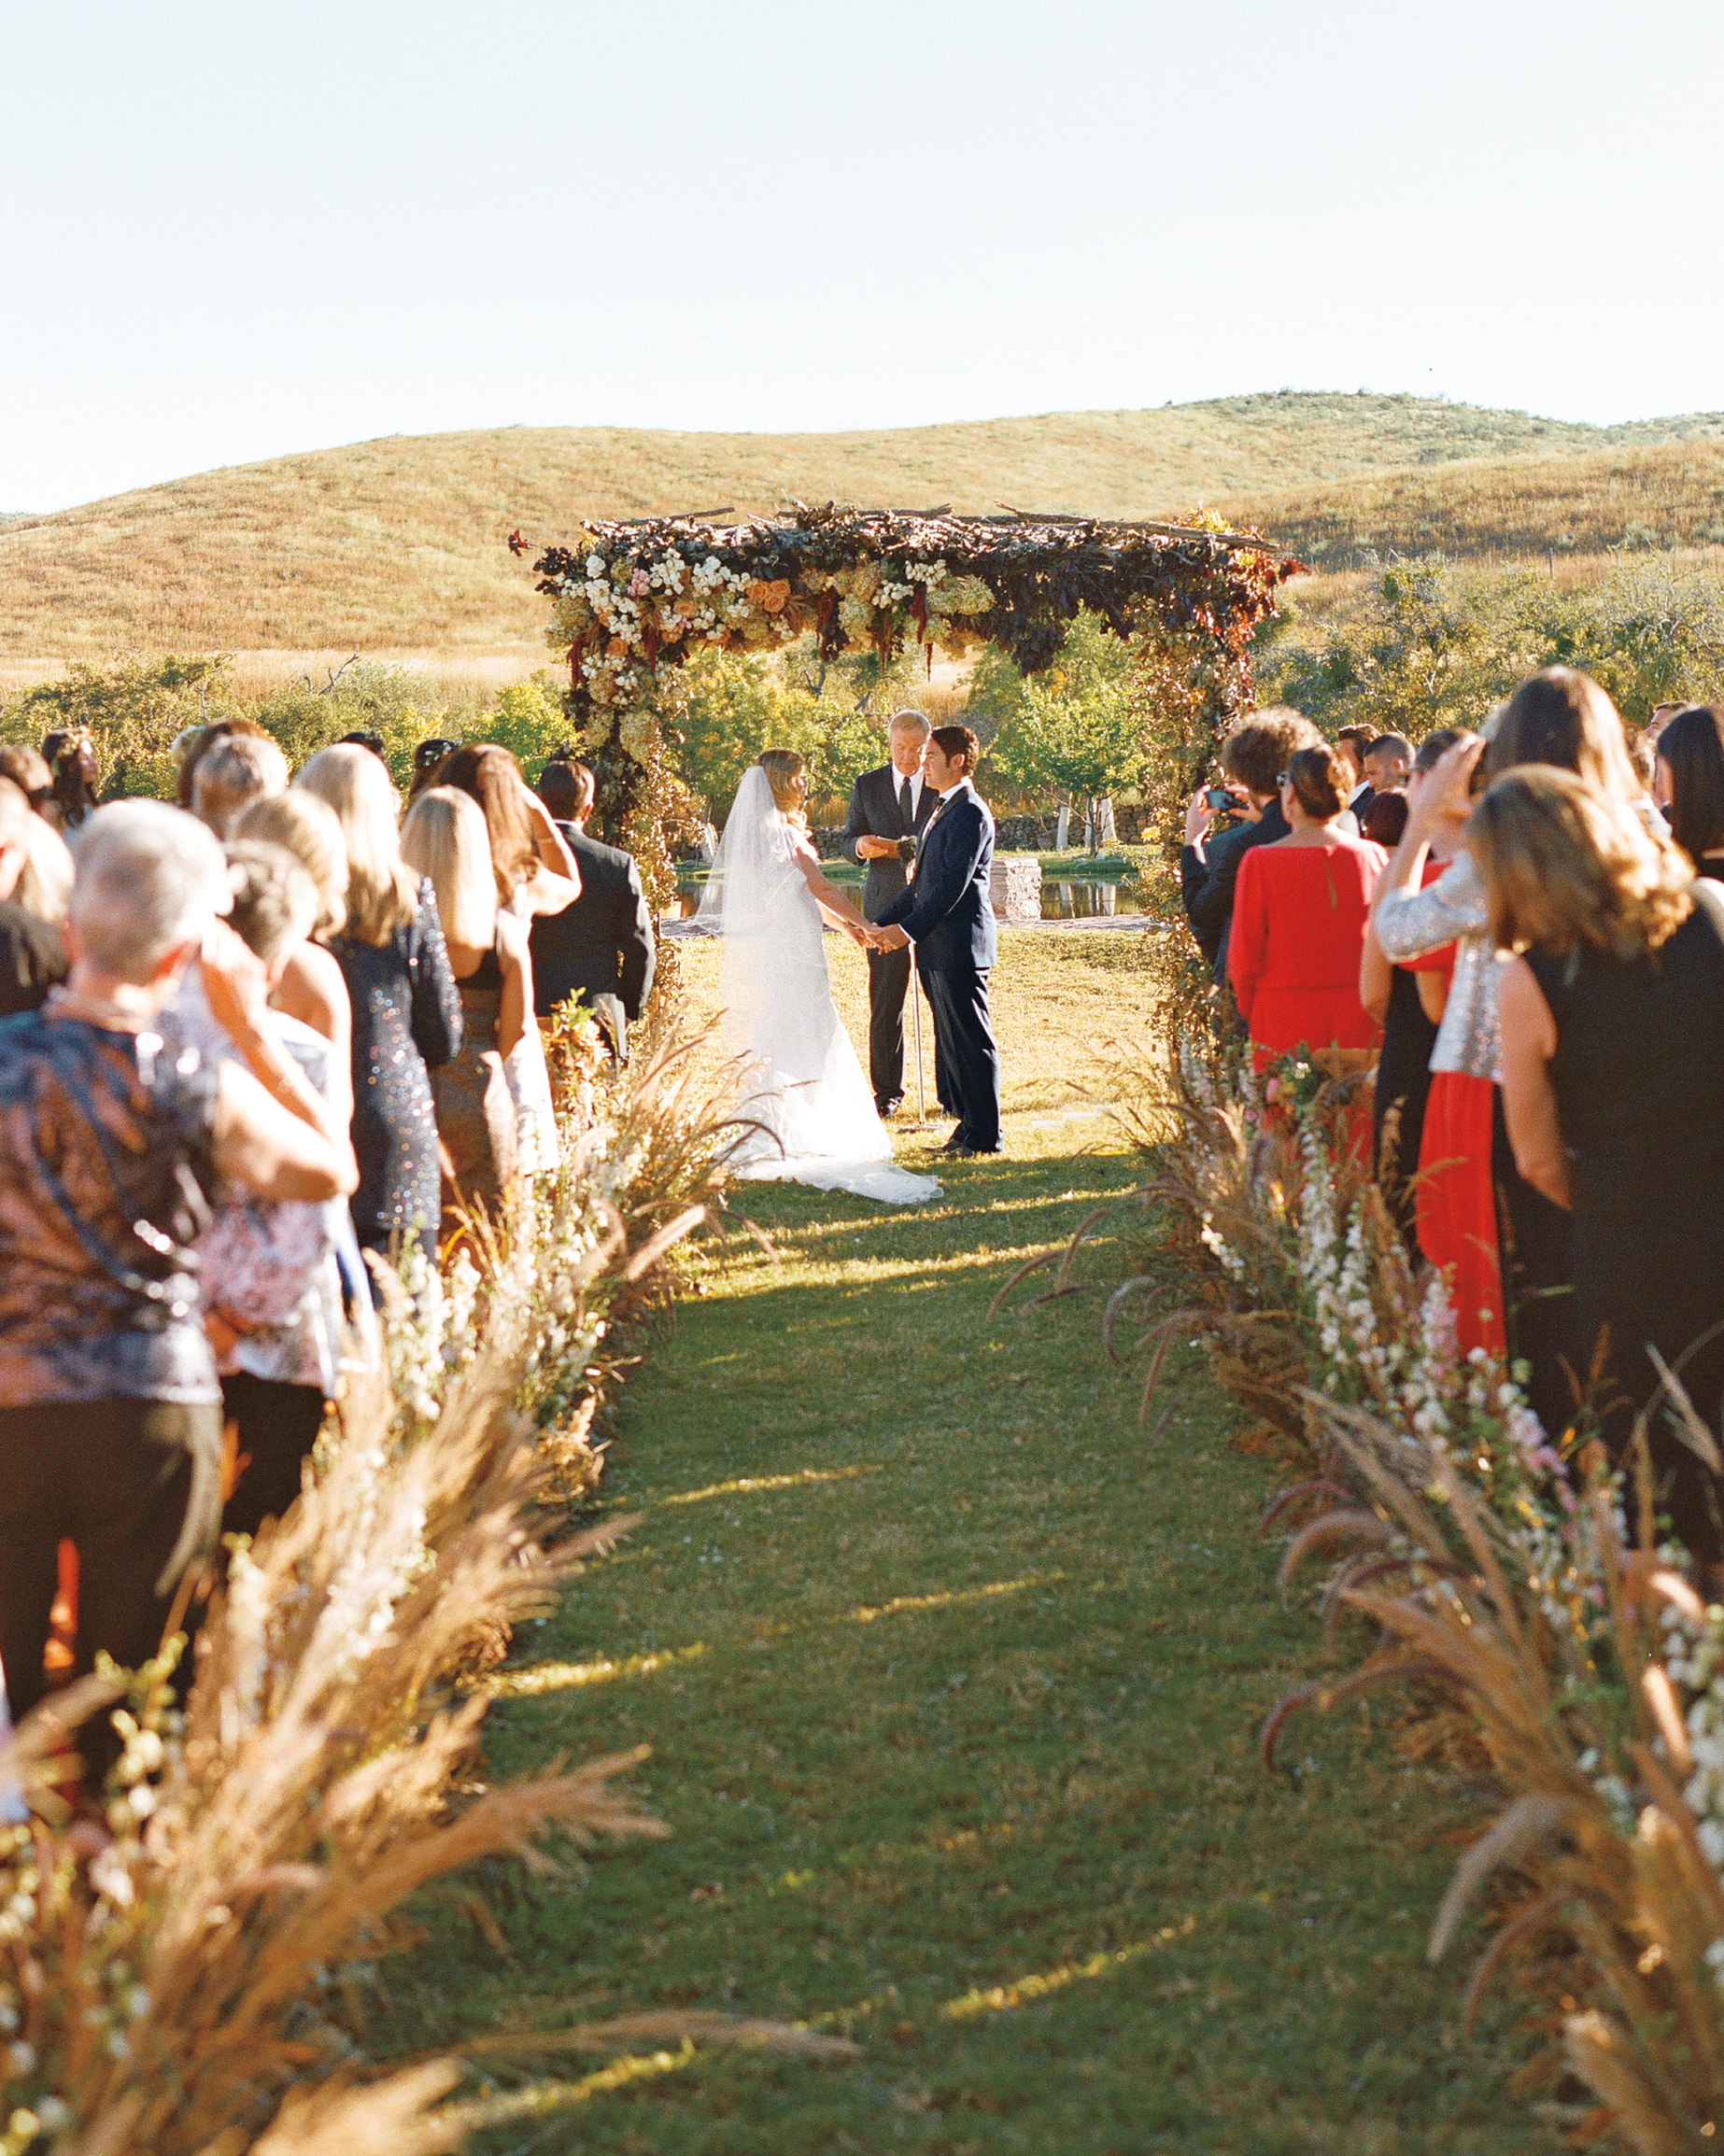 amanda-marty-wedding-marfa-texas-1811-s112329.jpg